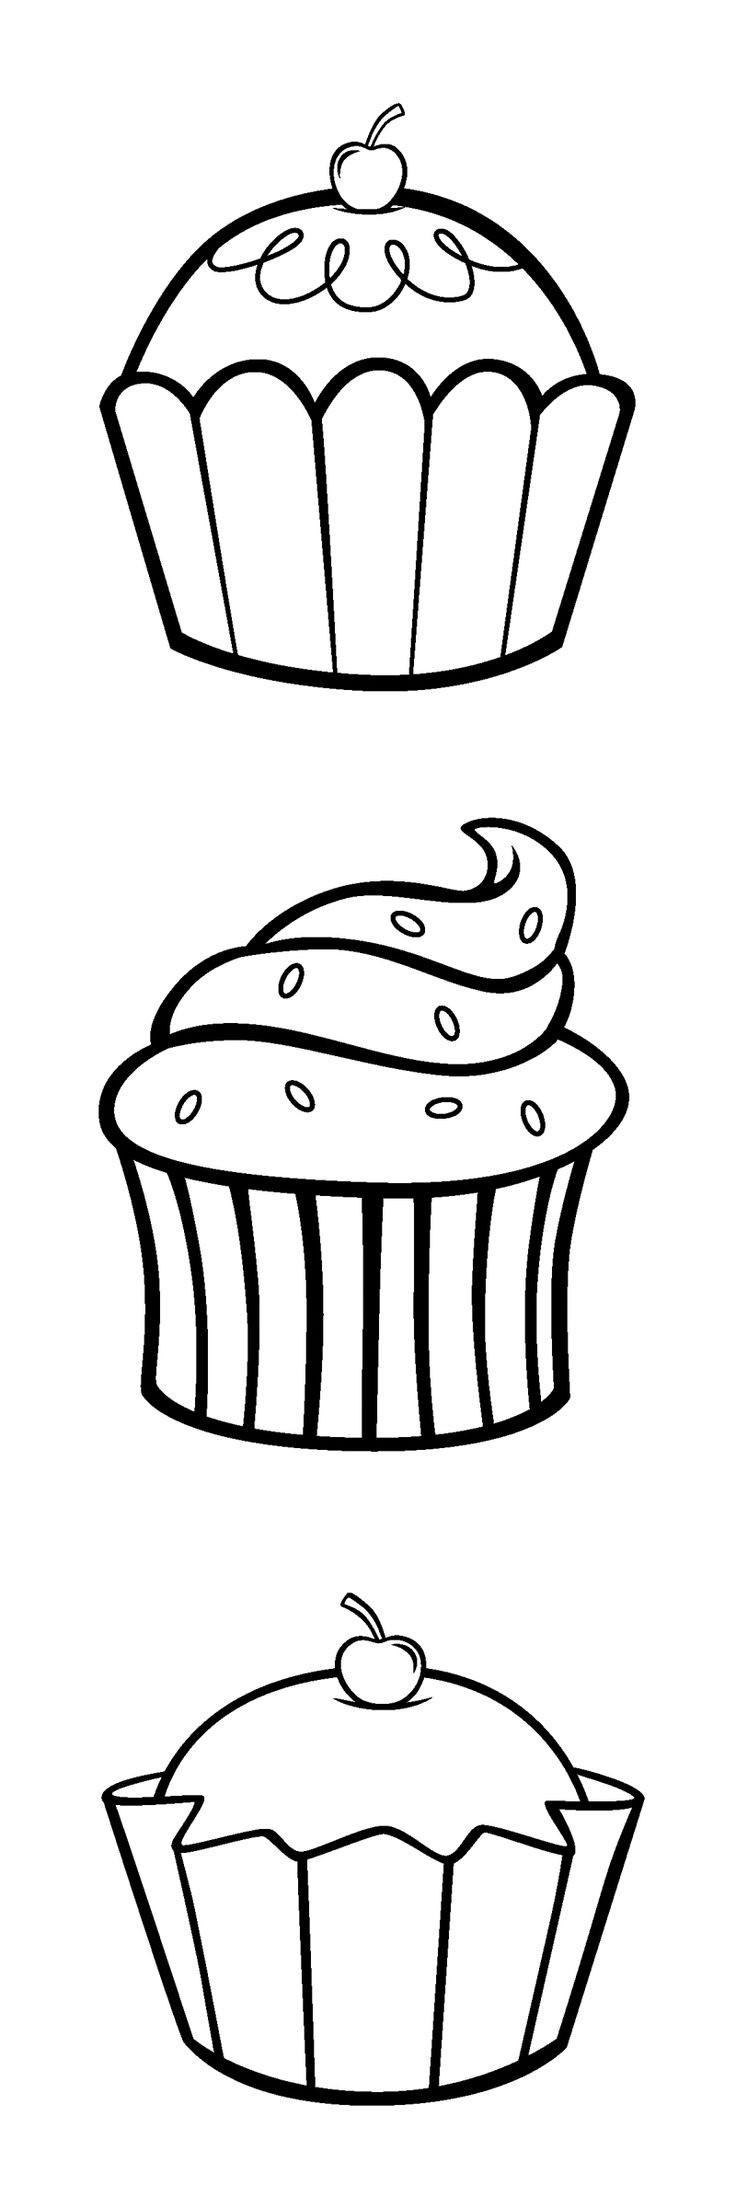 Cupcake Zum Ausmalen Inspirierend 35 Elsa Malvorlagen Scoredatscore Frisch Ausmalbilder Cupcakes Bild